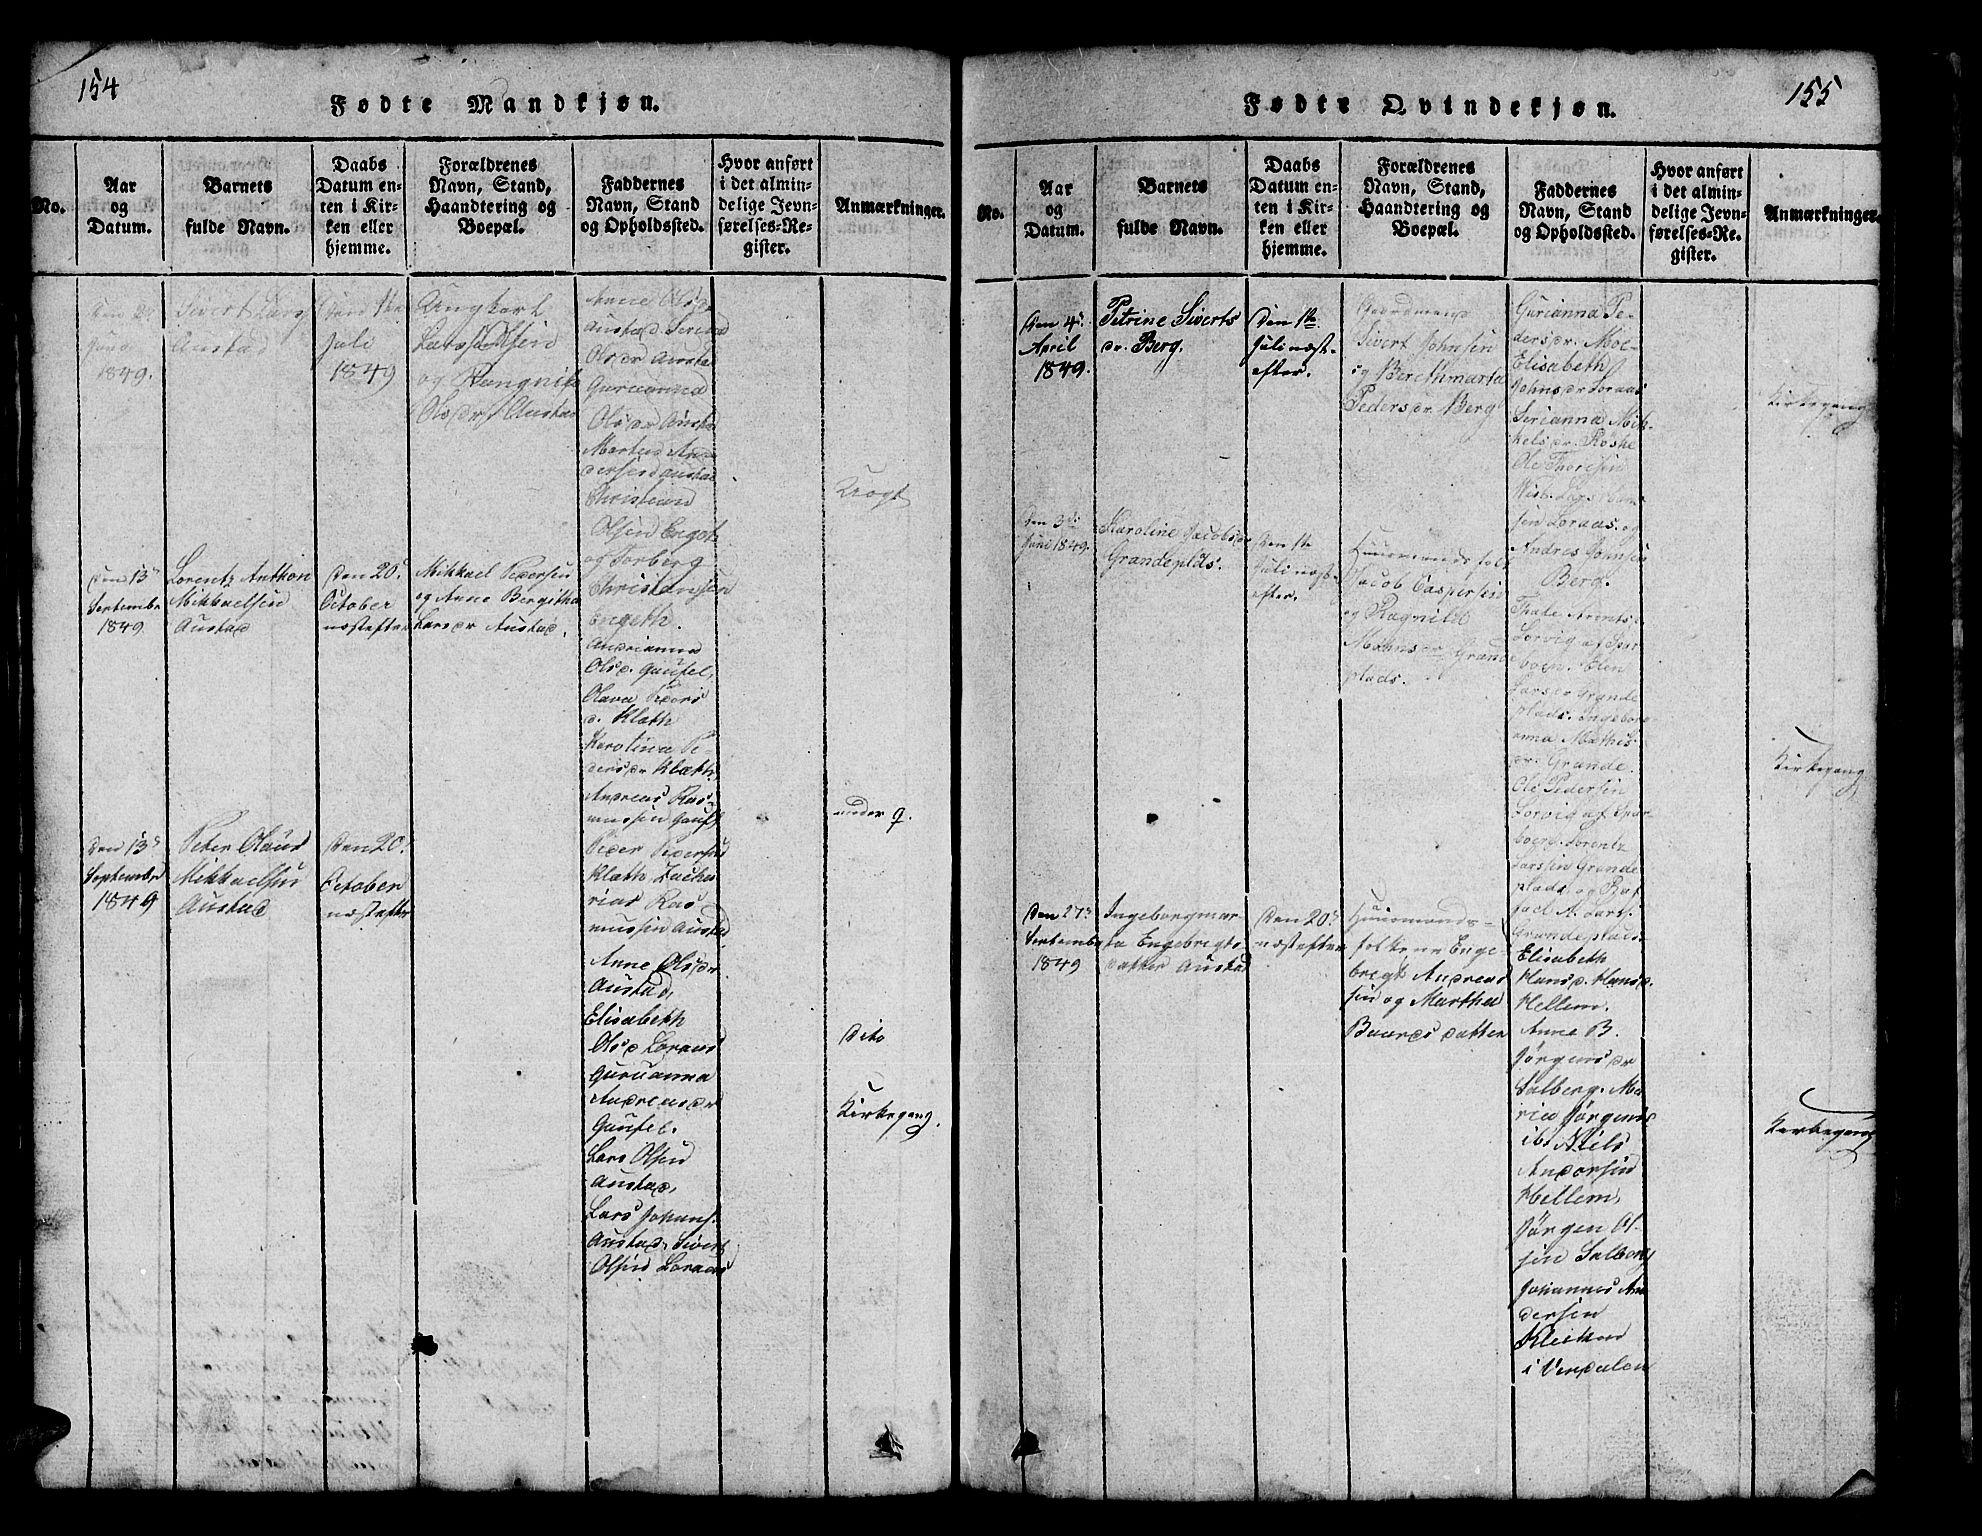 SAT, Ministerialprotokoller, klokkerbøker og fødselsregistre - Nord-Trøndelag, 731/L0310: Klokkerbok nr. 731C01, 1816-1874, s. 154-155